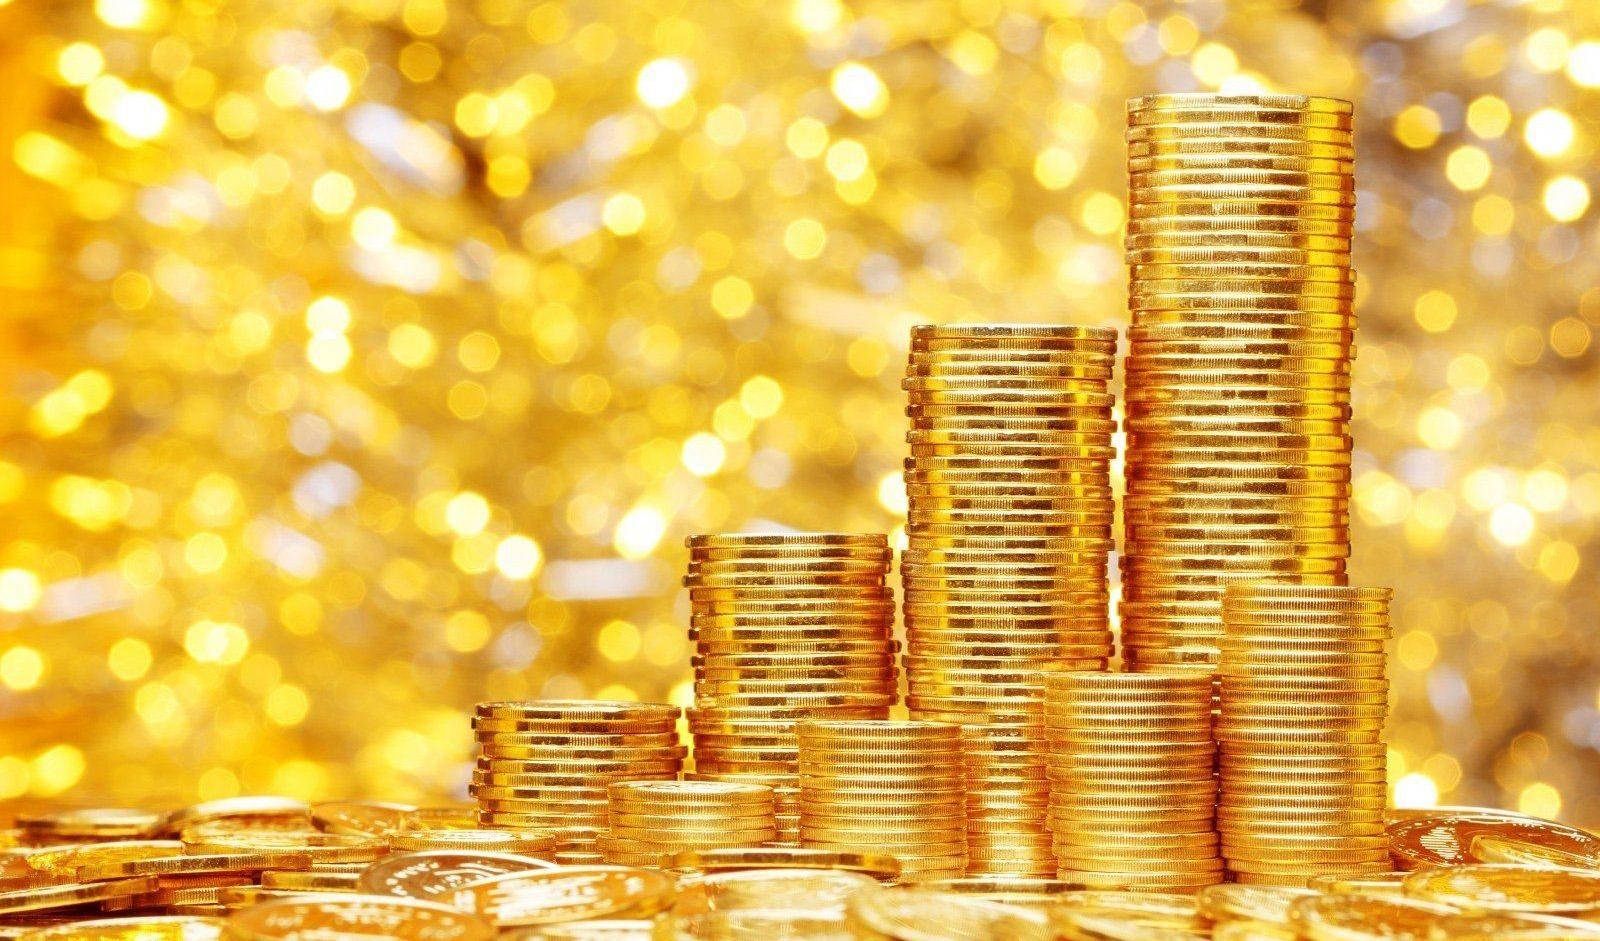 افزایش قیمت طلا در بازارهای داخلی و خارجی